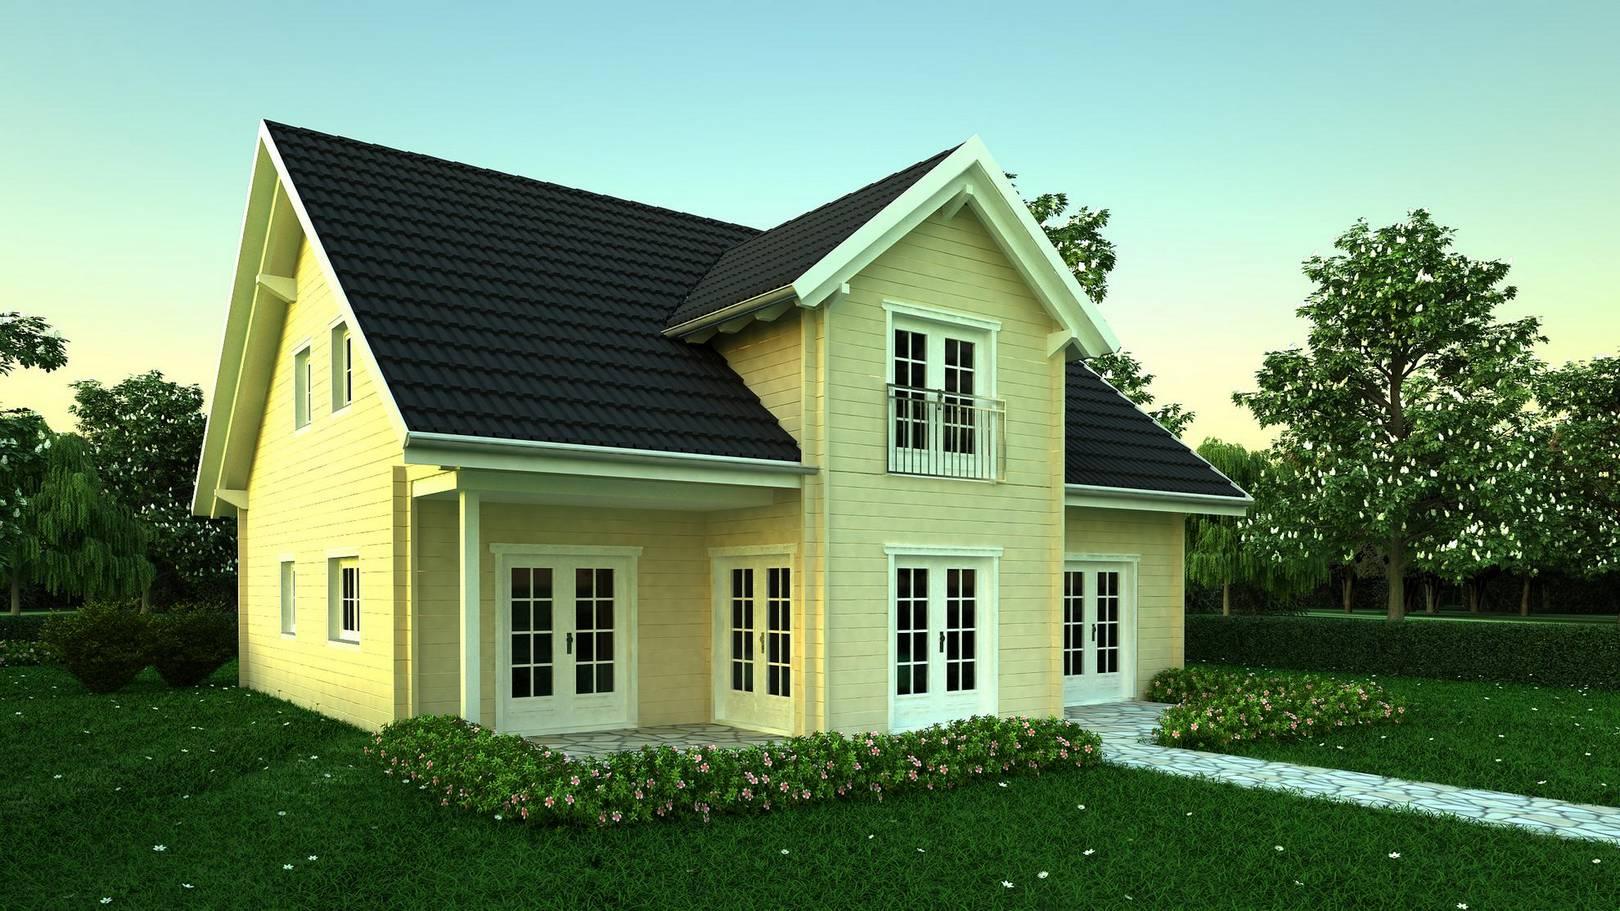 wohnhaus kaufen holzwohnhaus. Black Bedroom Furniture Sets. Home Design Ideas